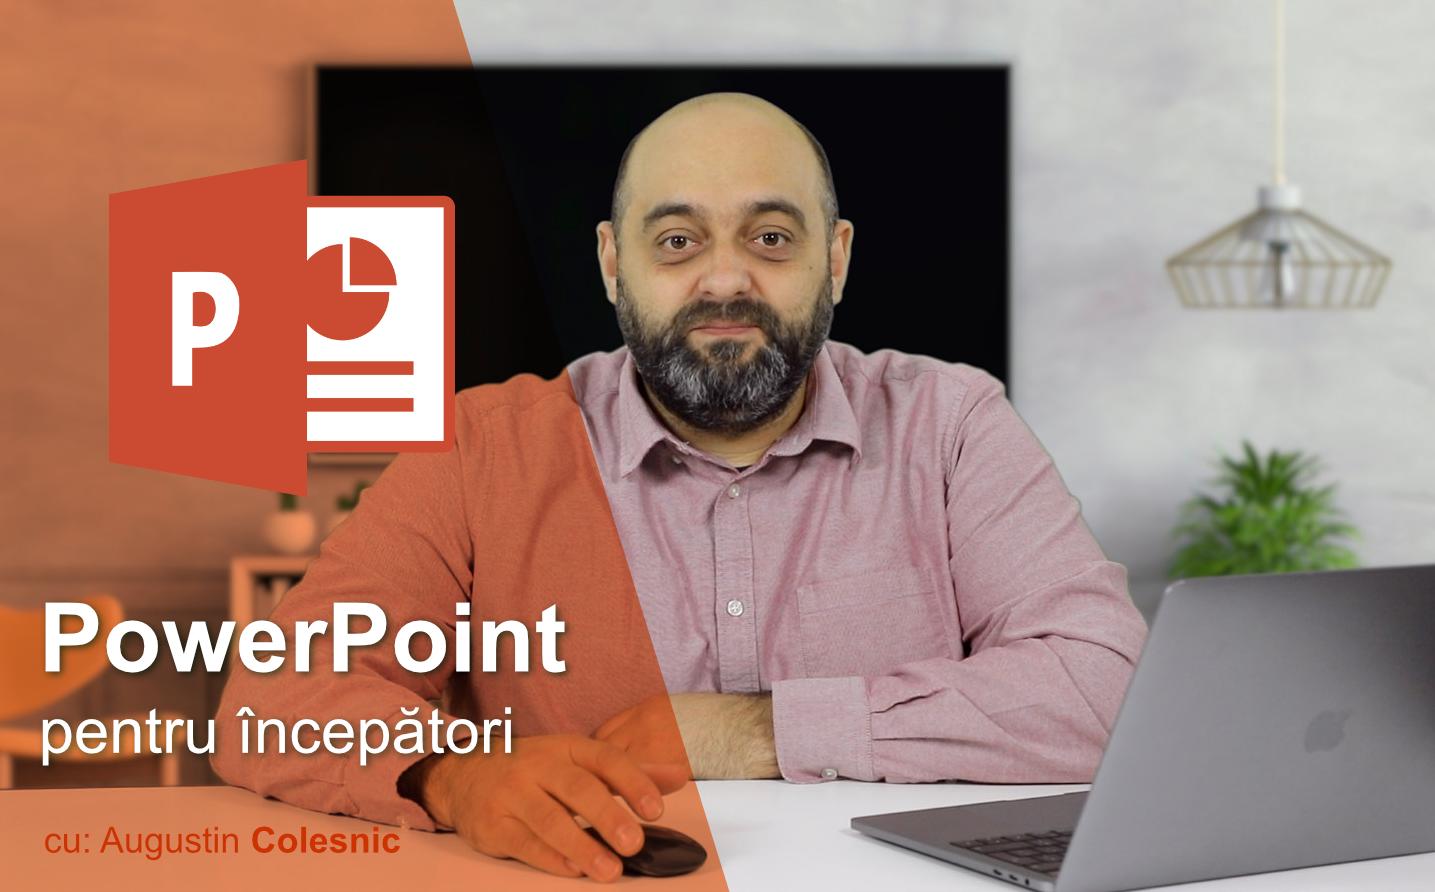 Curs de PowerPoint pentru începători - Inspicio - tutoriale video în limba română